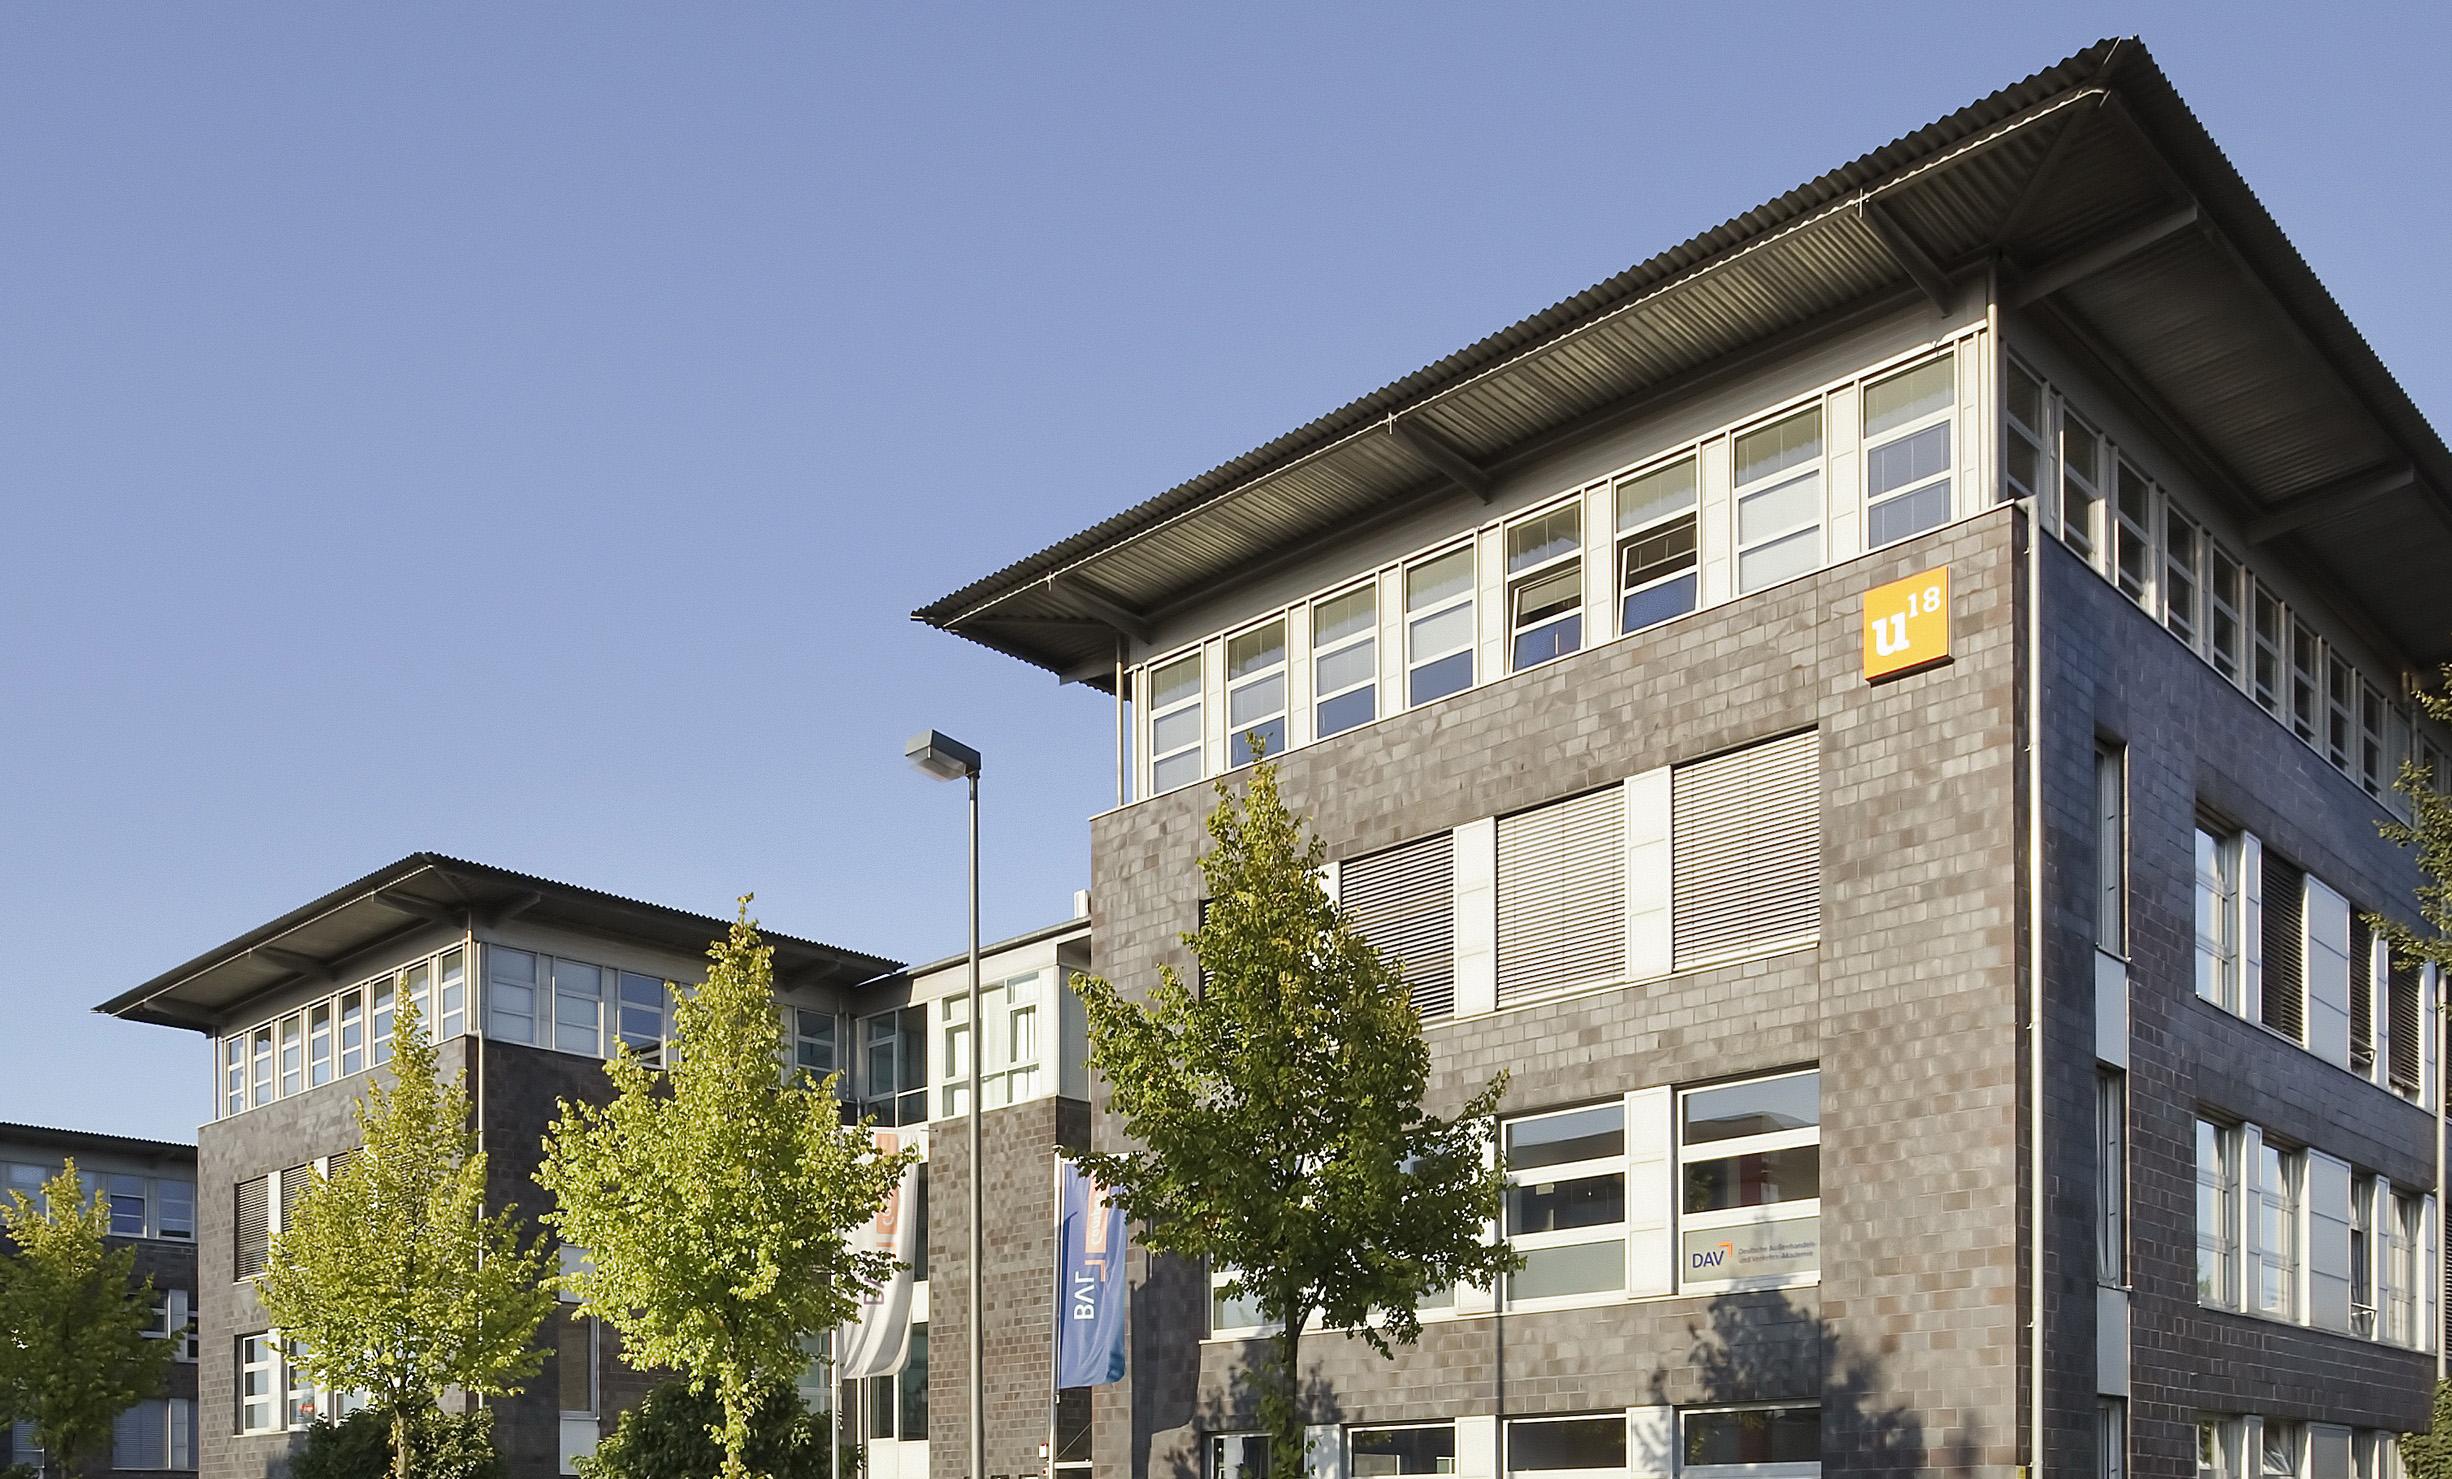 Gebäude der IUBH im Ausschnitt mit Bäumen; Quelle: Bundesvereinigung Logistik (BVL)